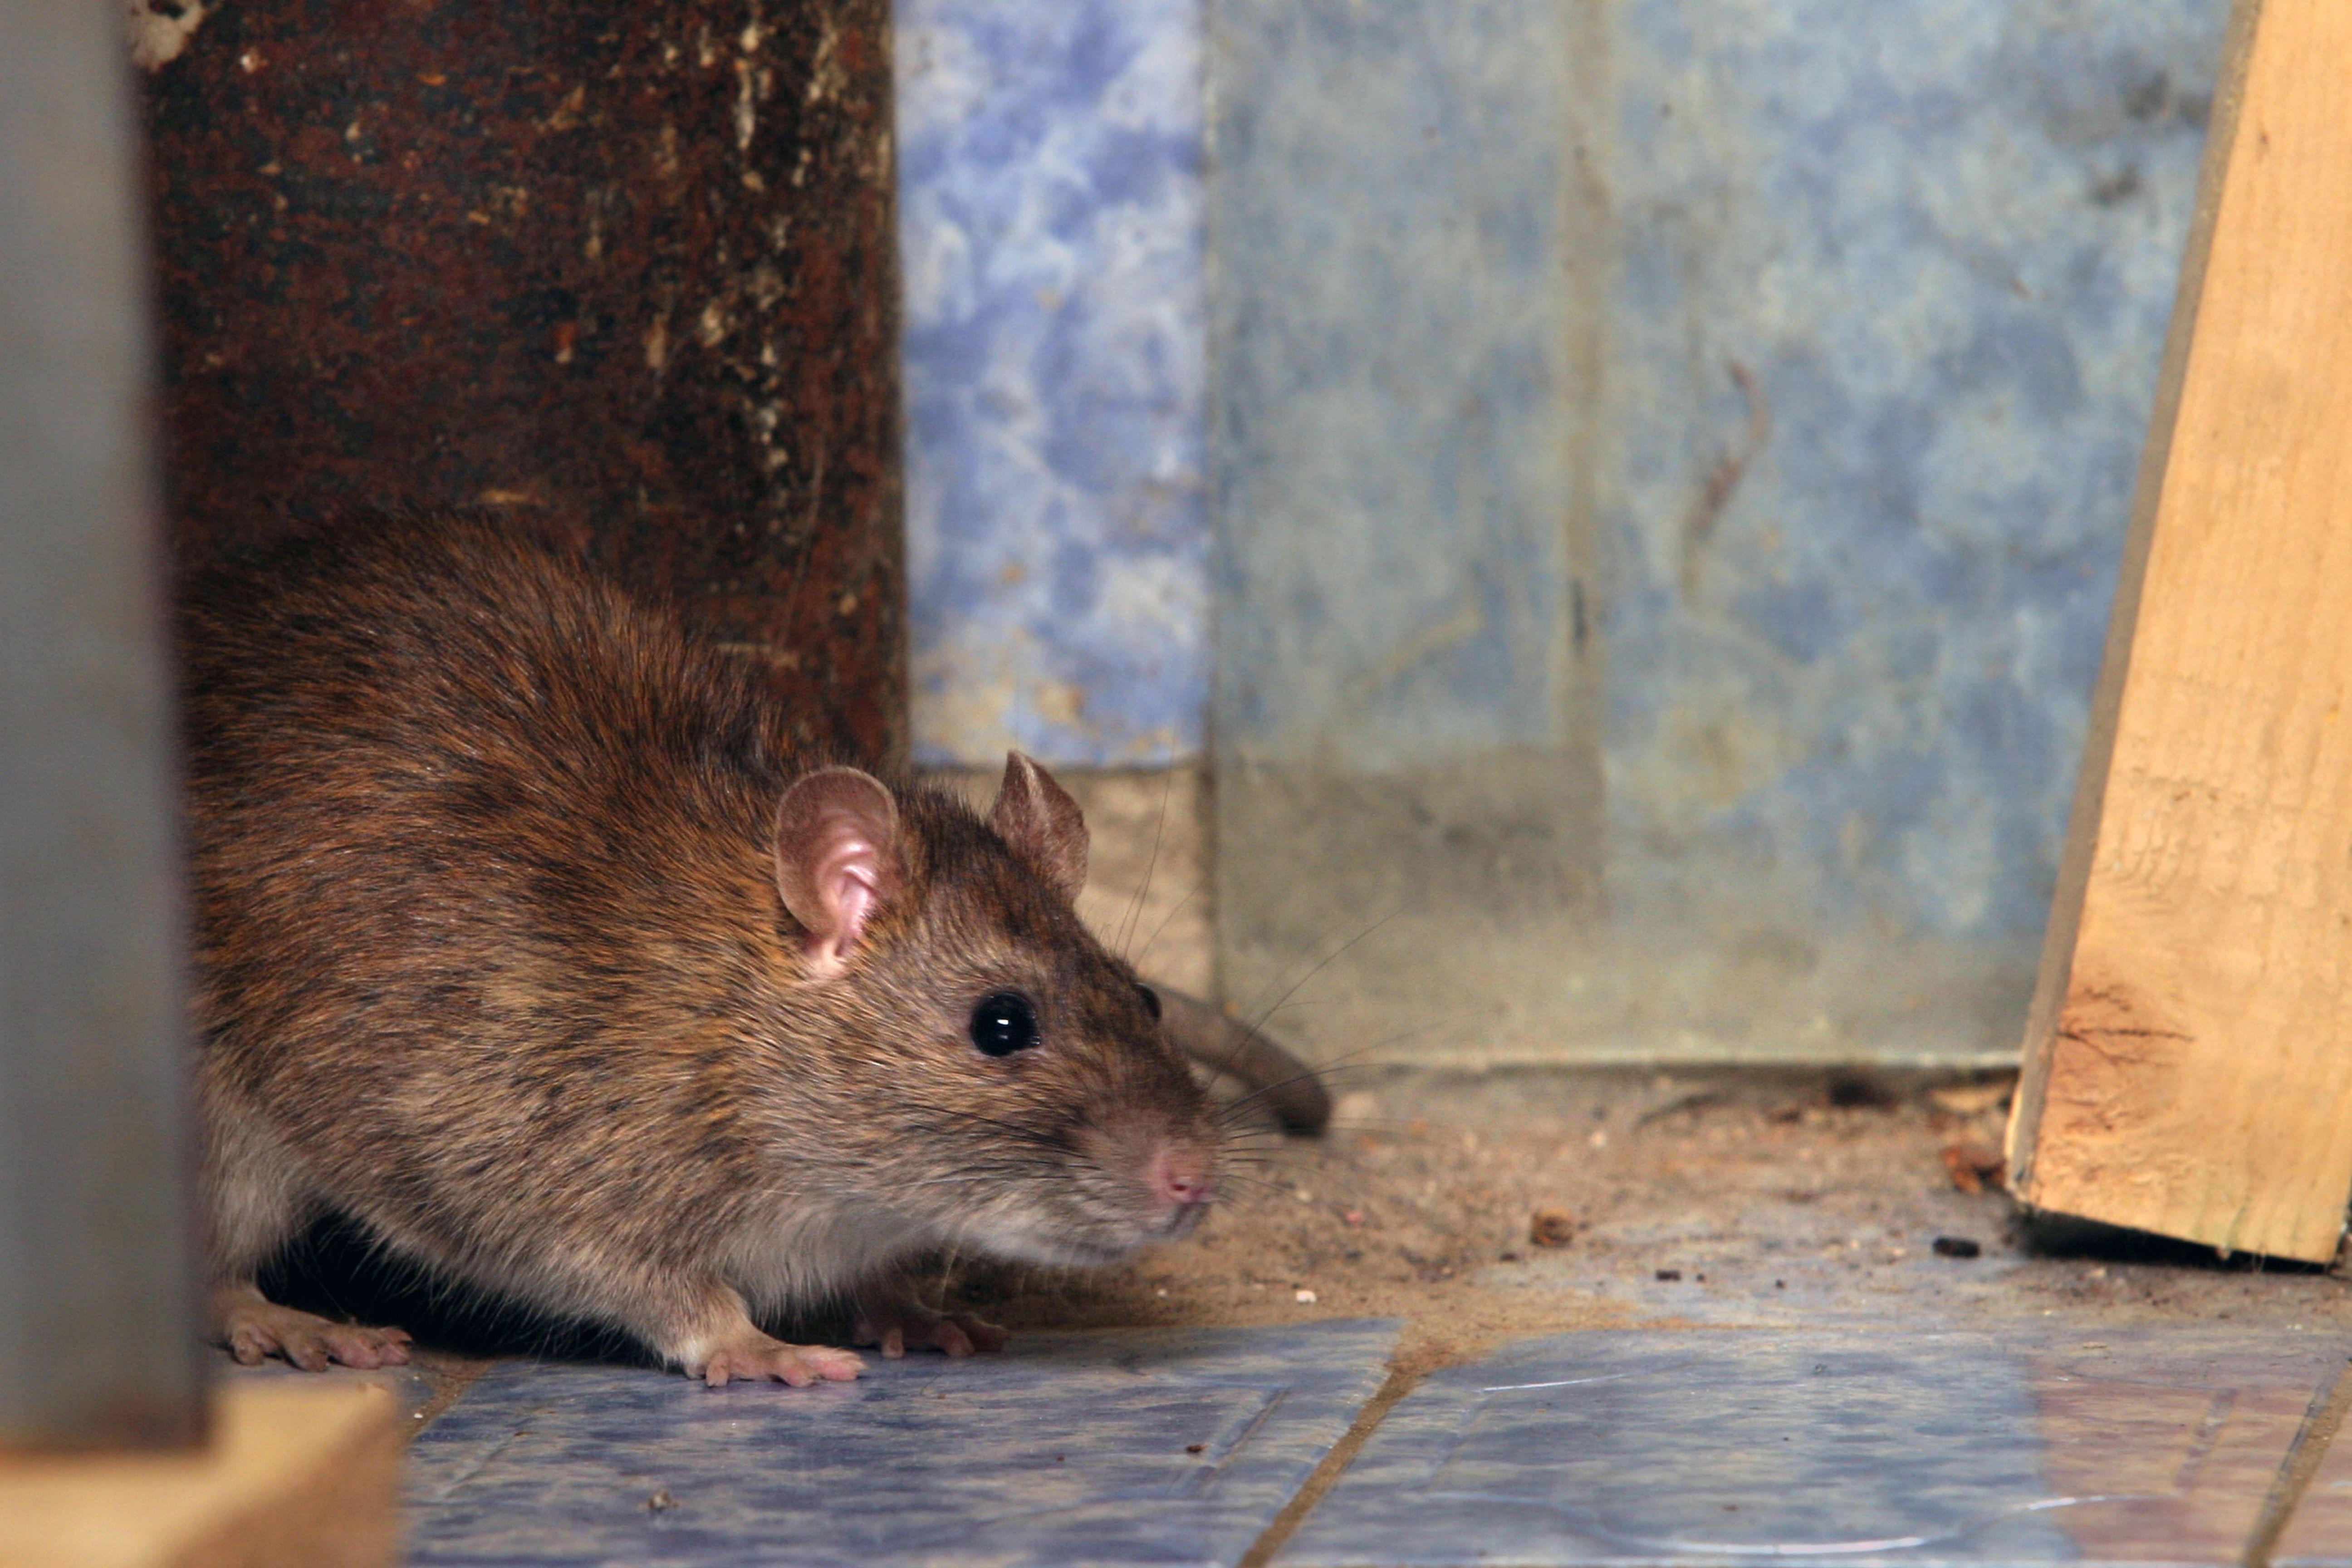 Place rat traps